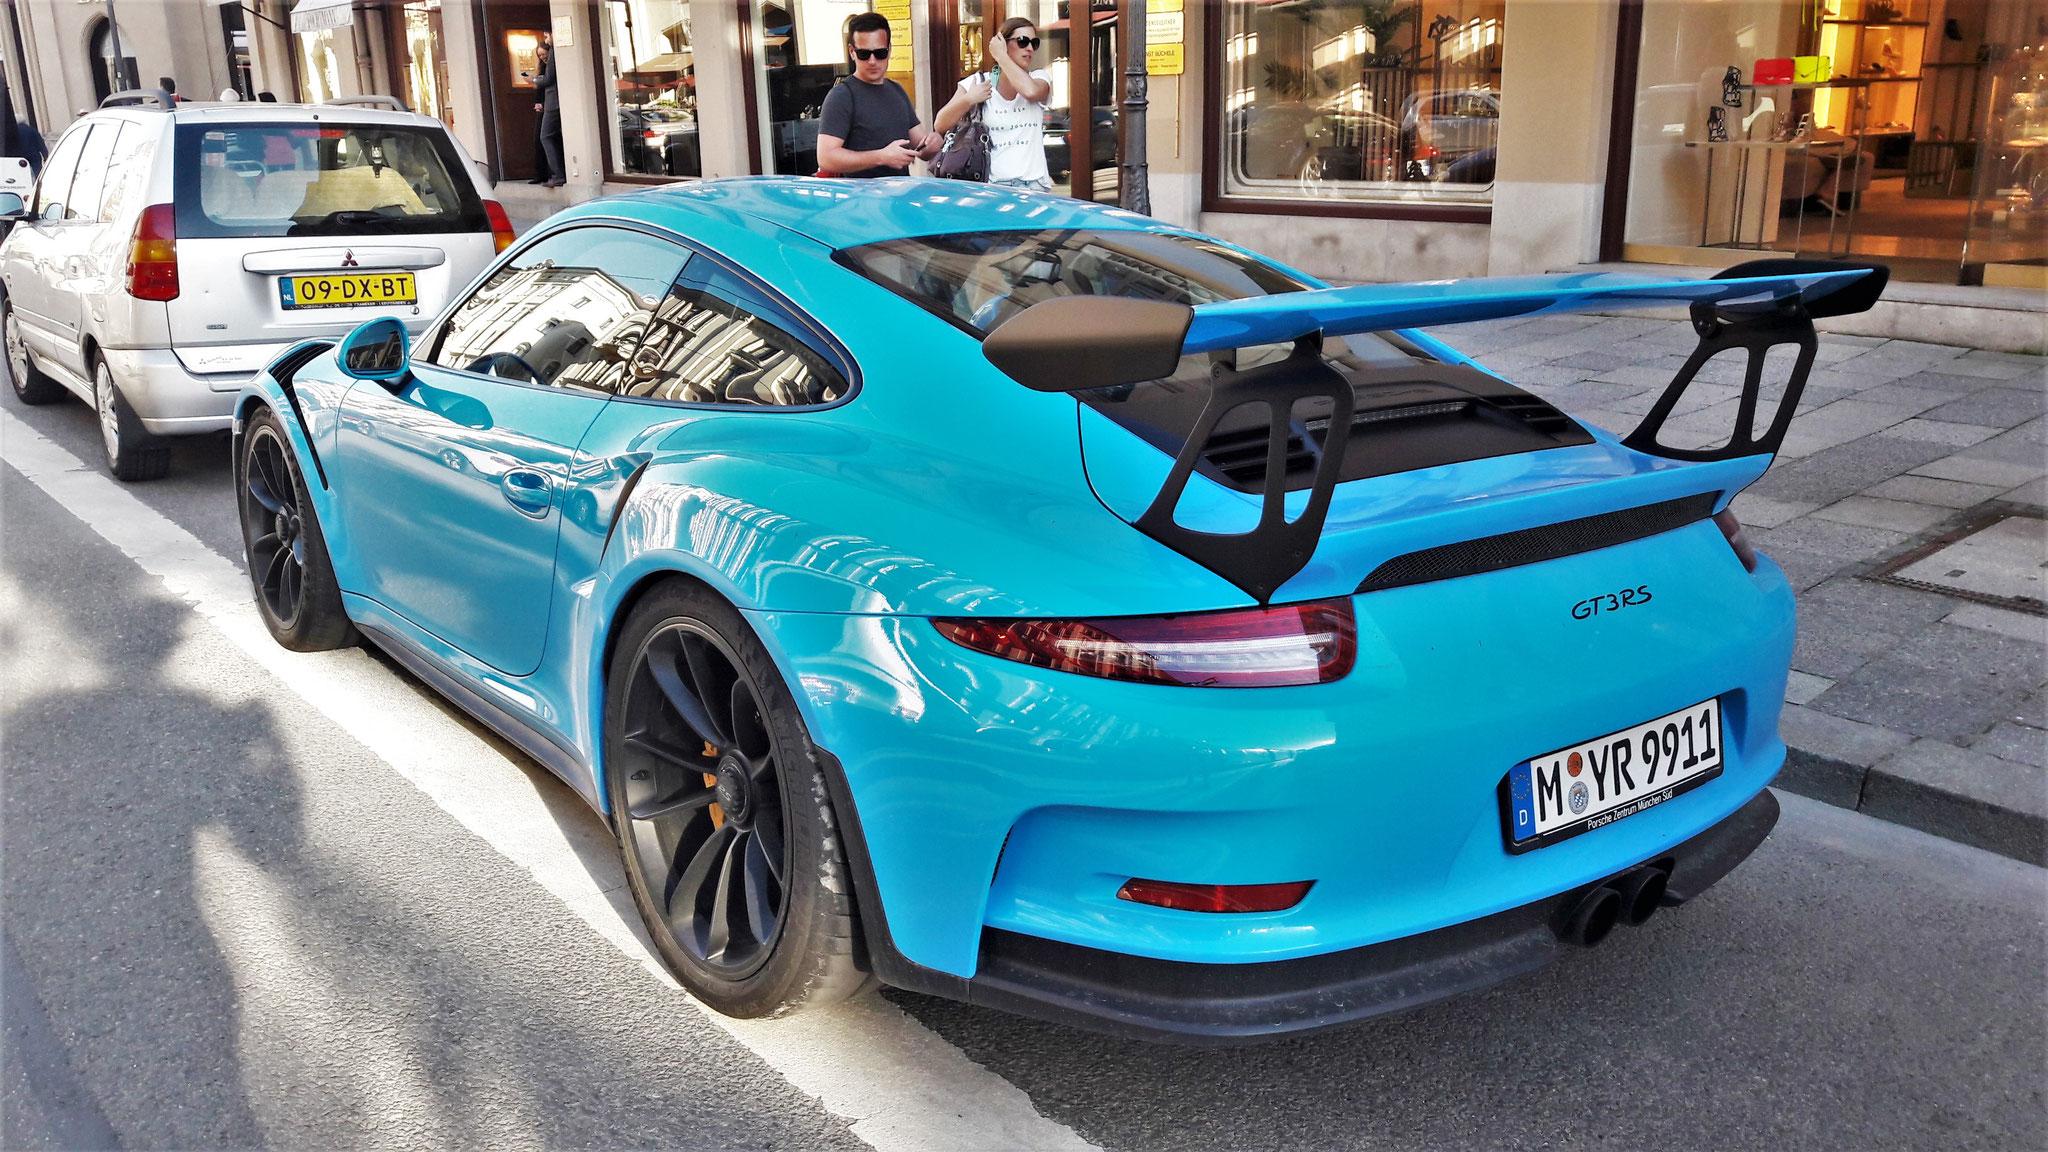 Porsche 911 GT3 RS - M-YR-9911